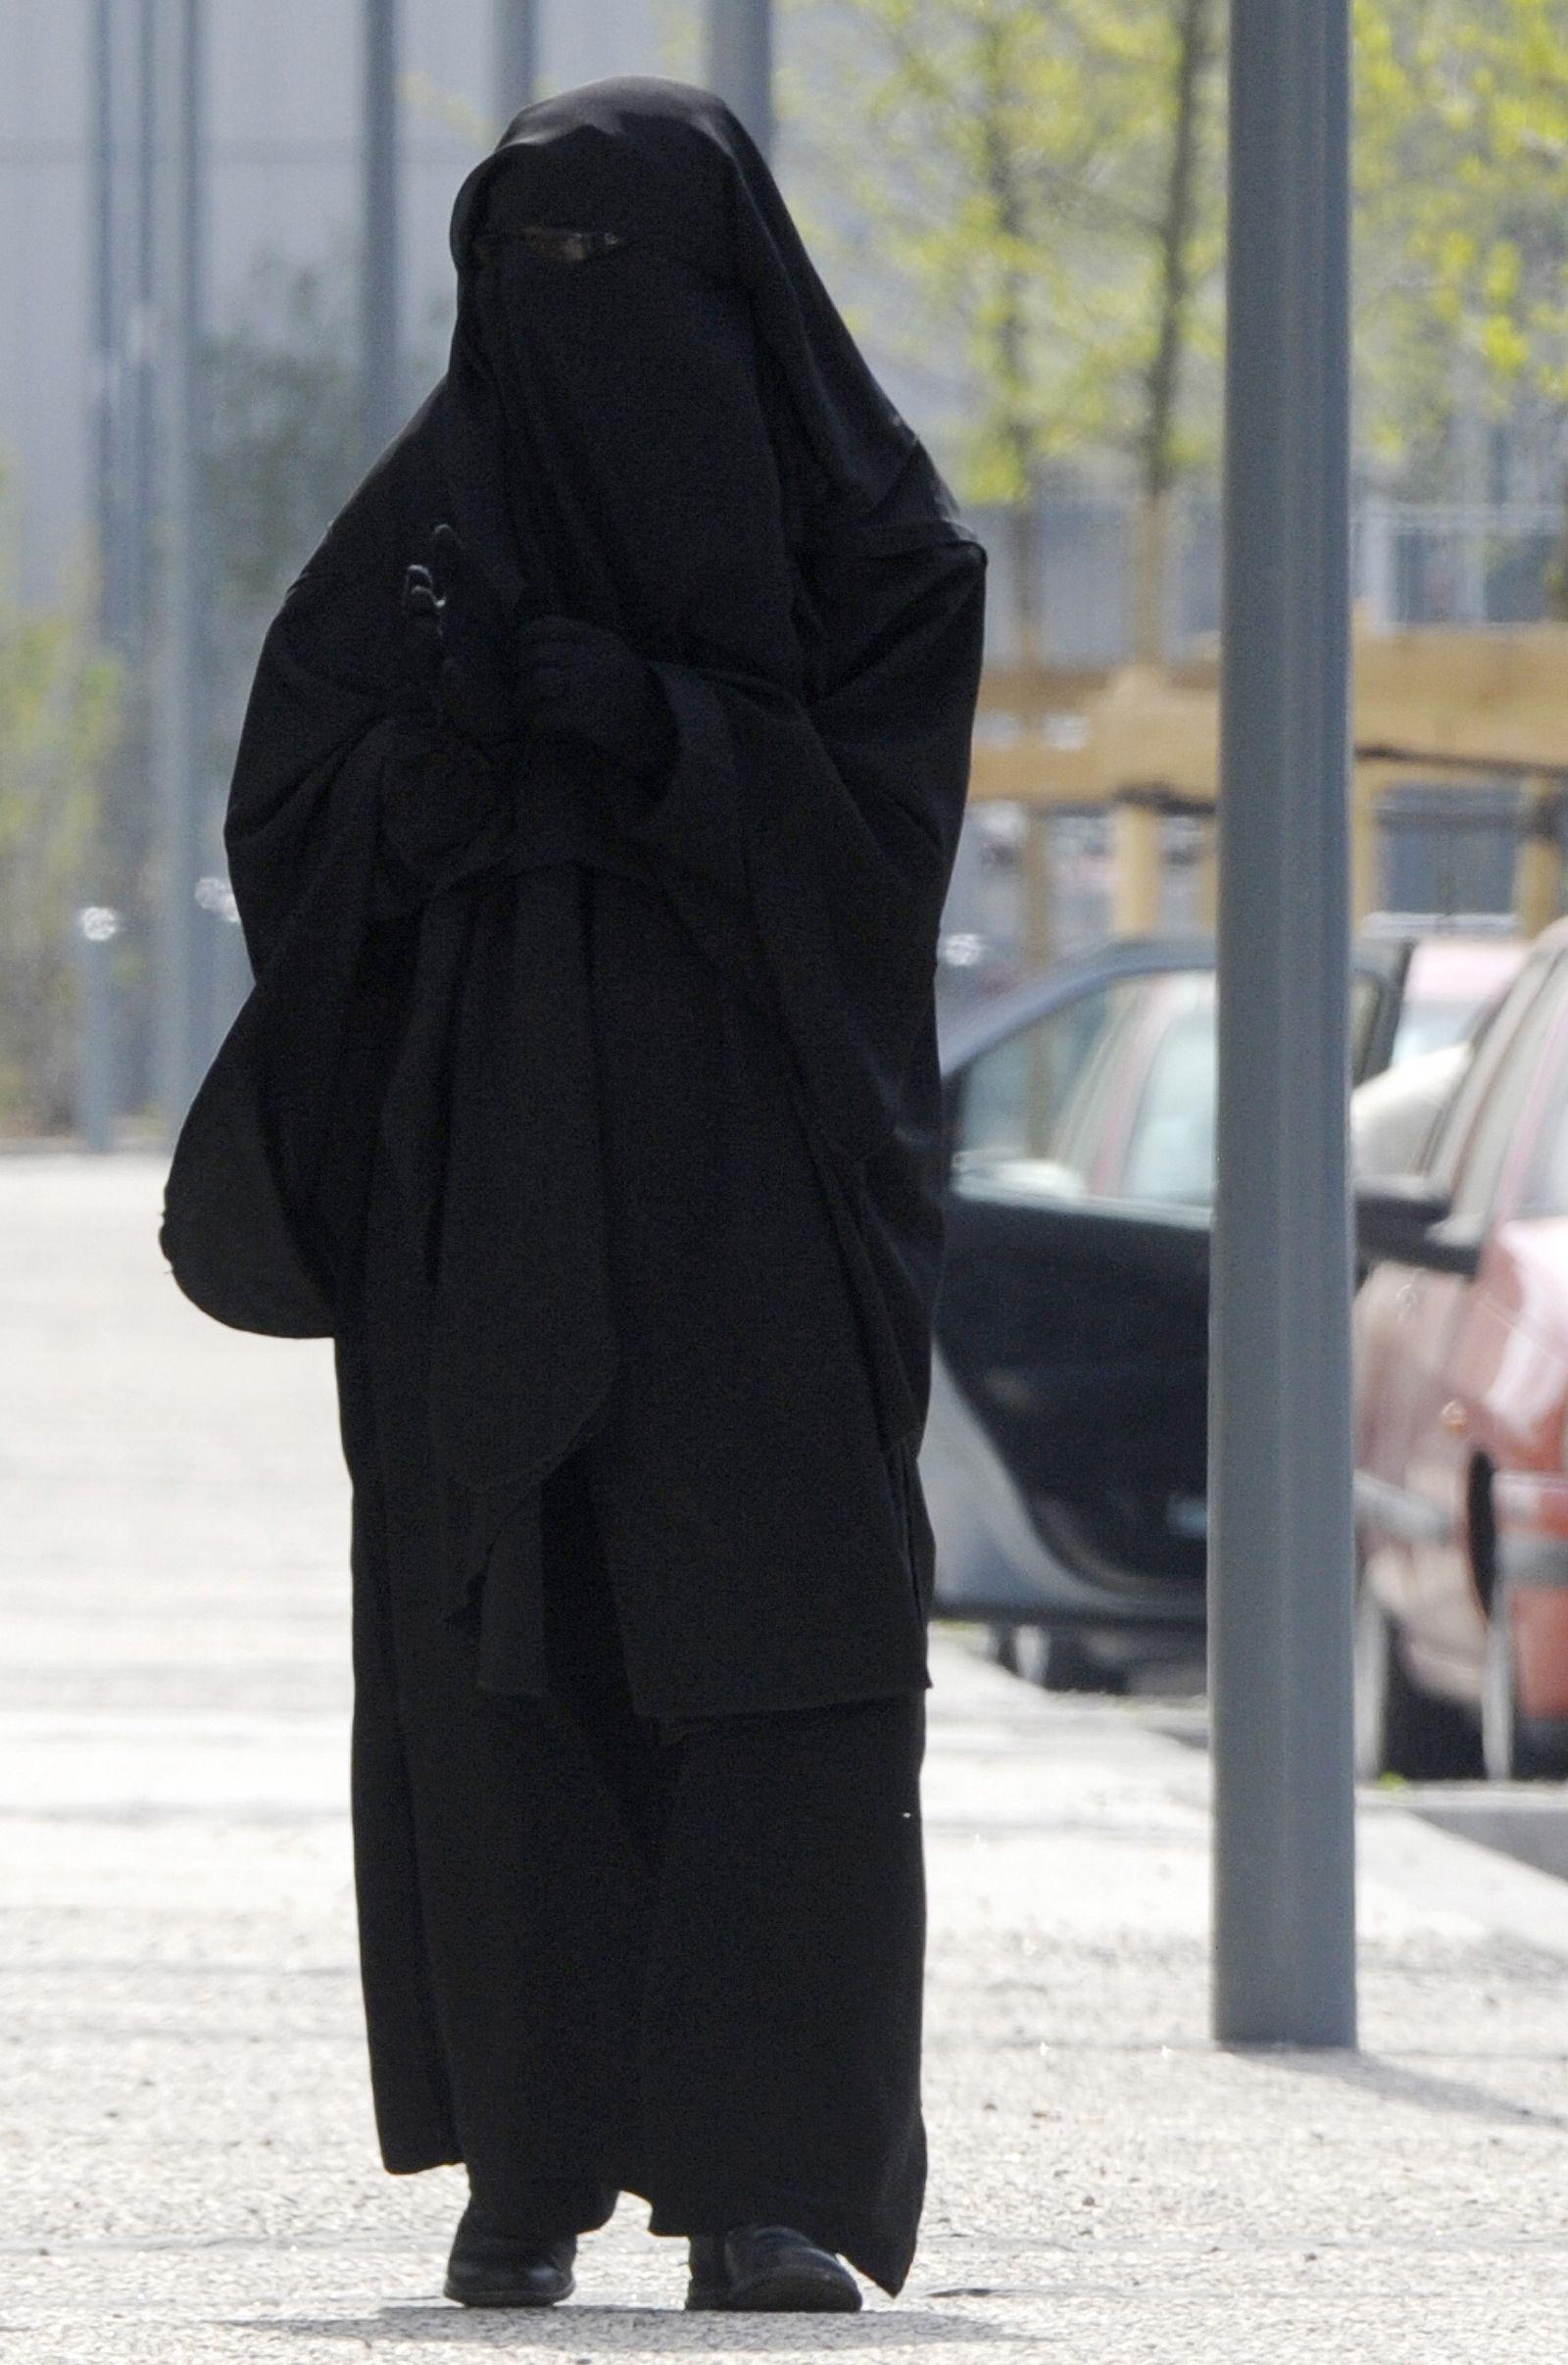 Islam / Burka / Frankreich / Frau / Verbot